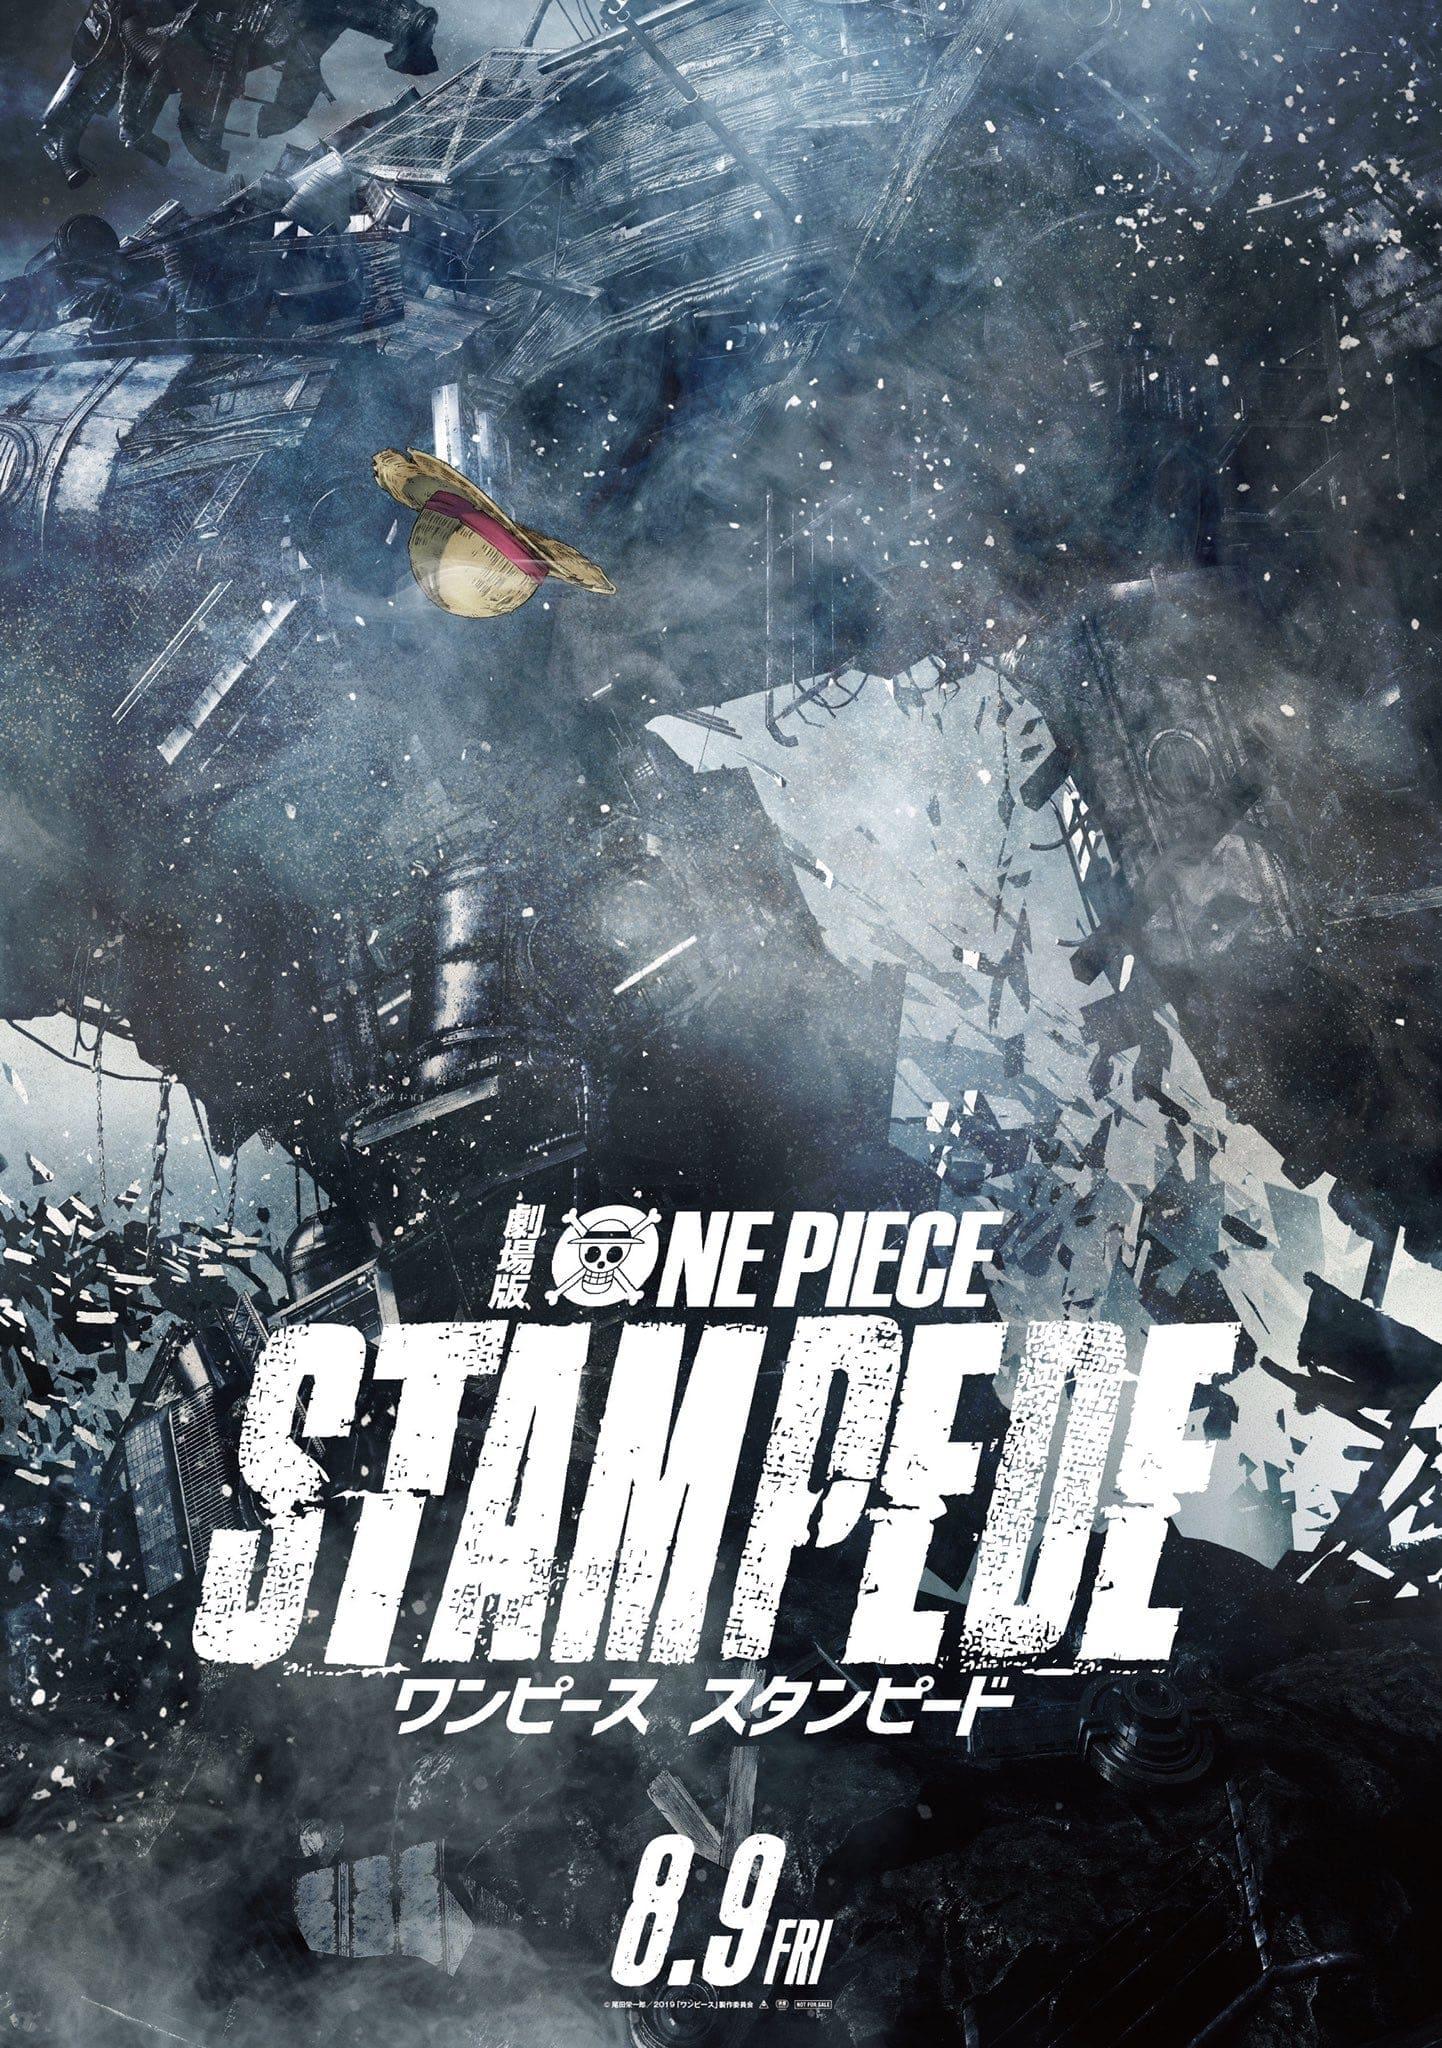 One Piece Stampede Affiche 2